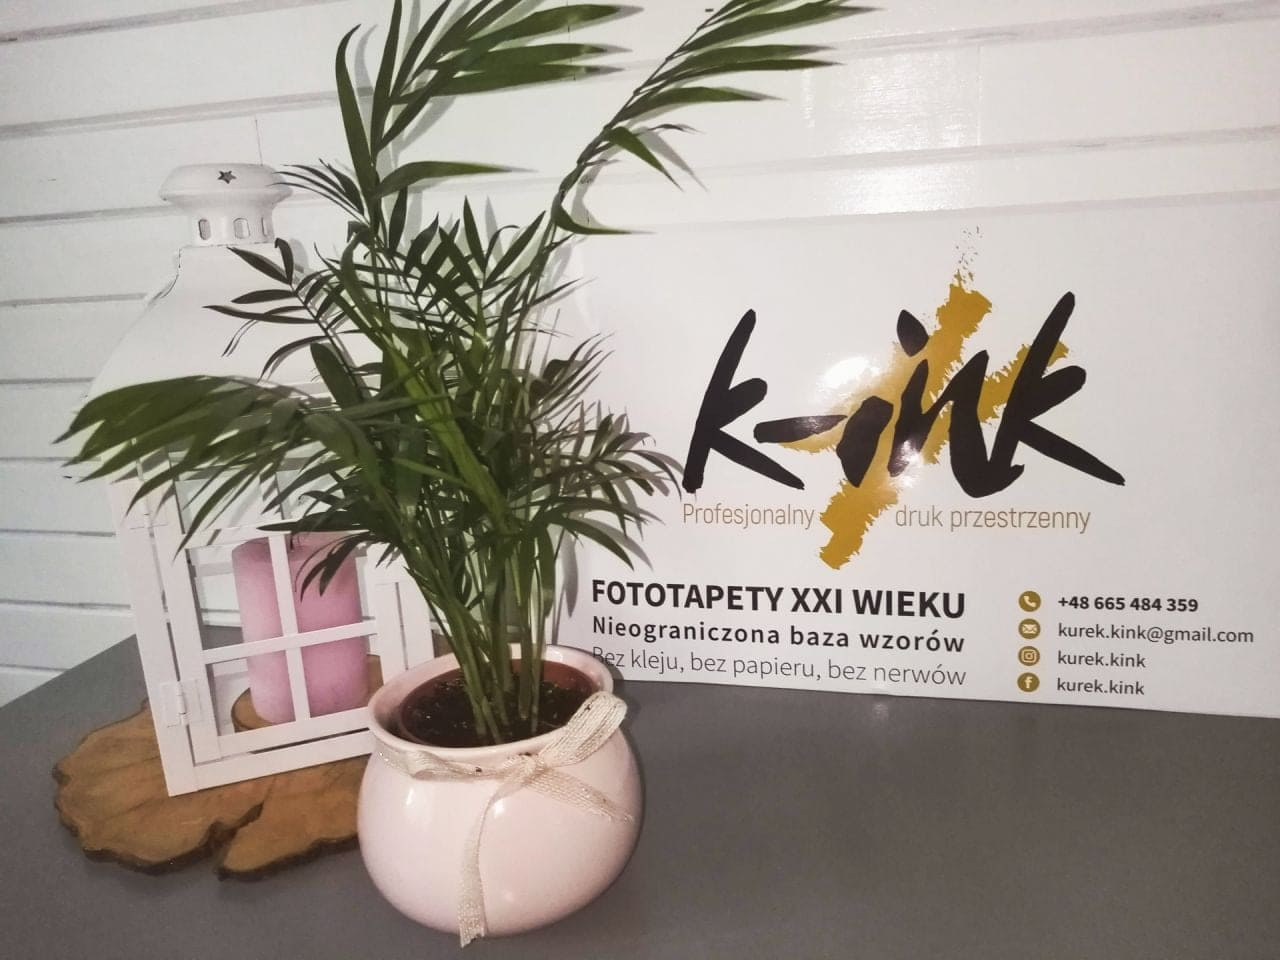 naklejka z logo k-ink